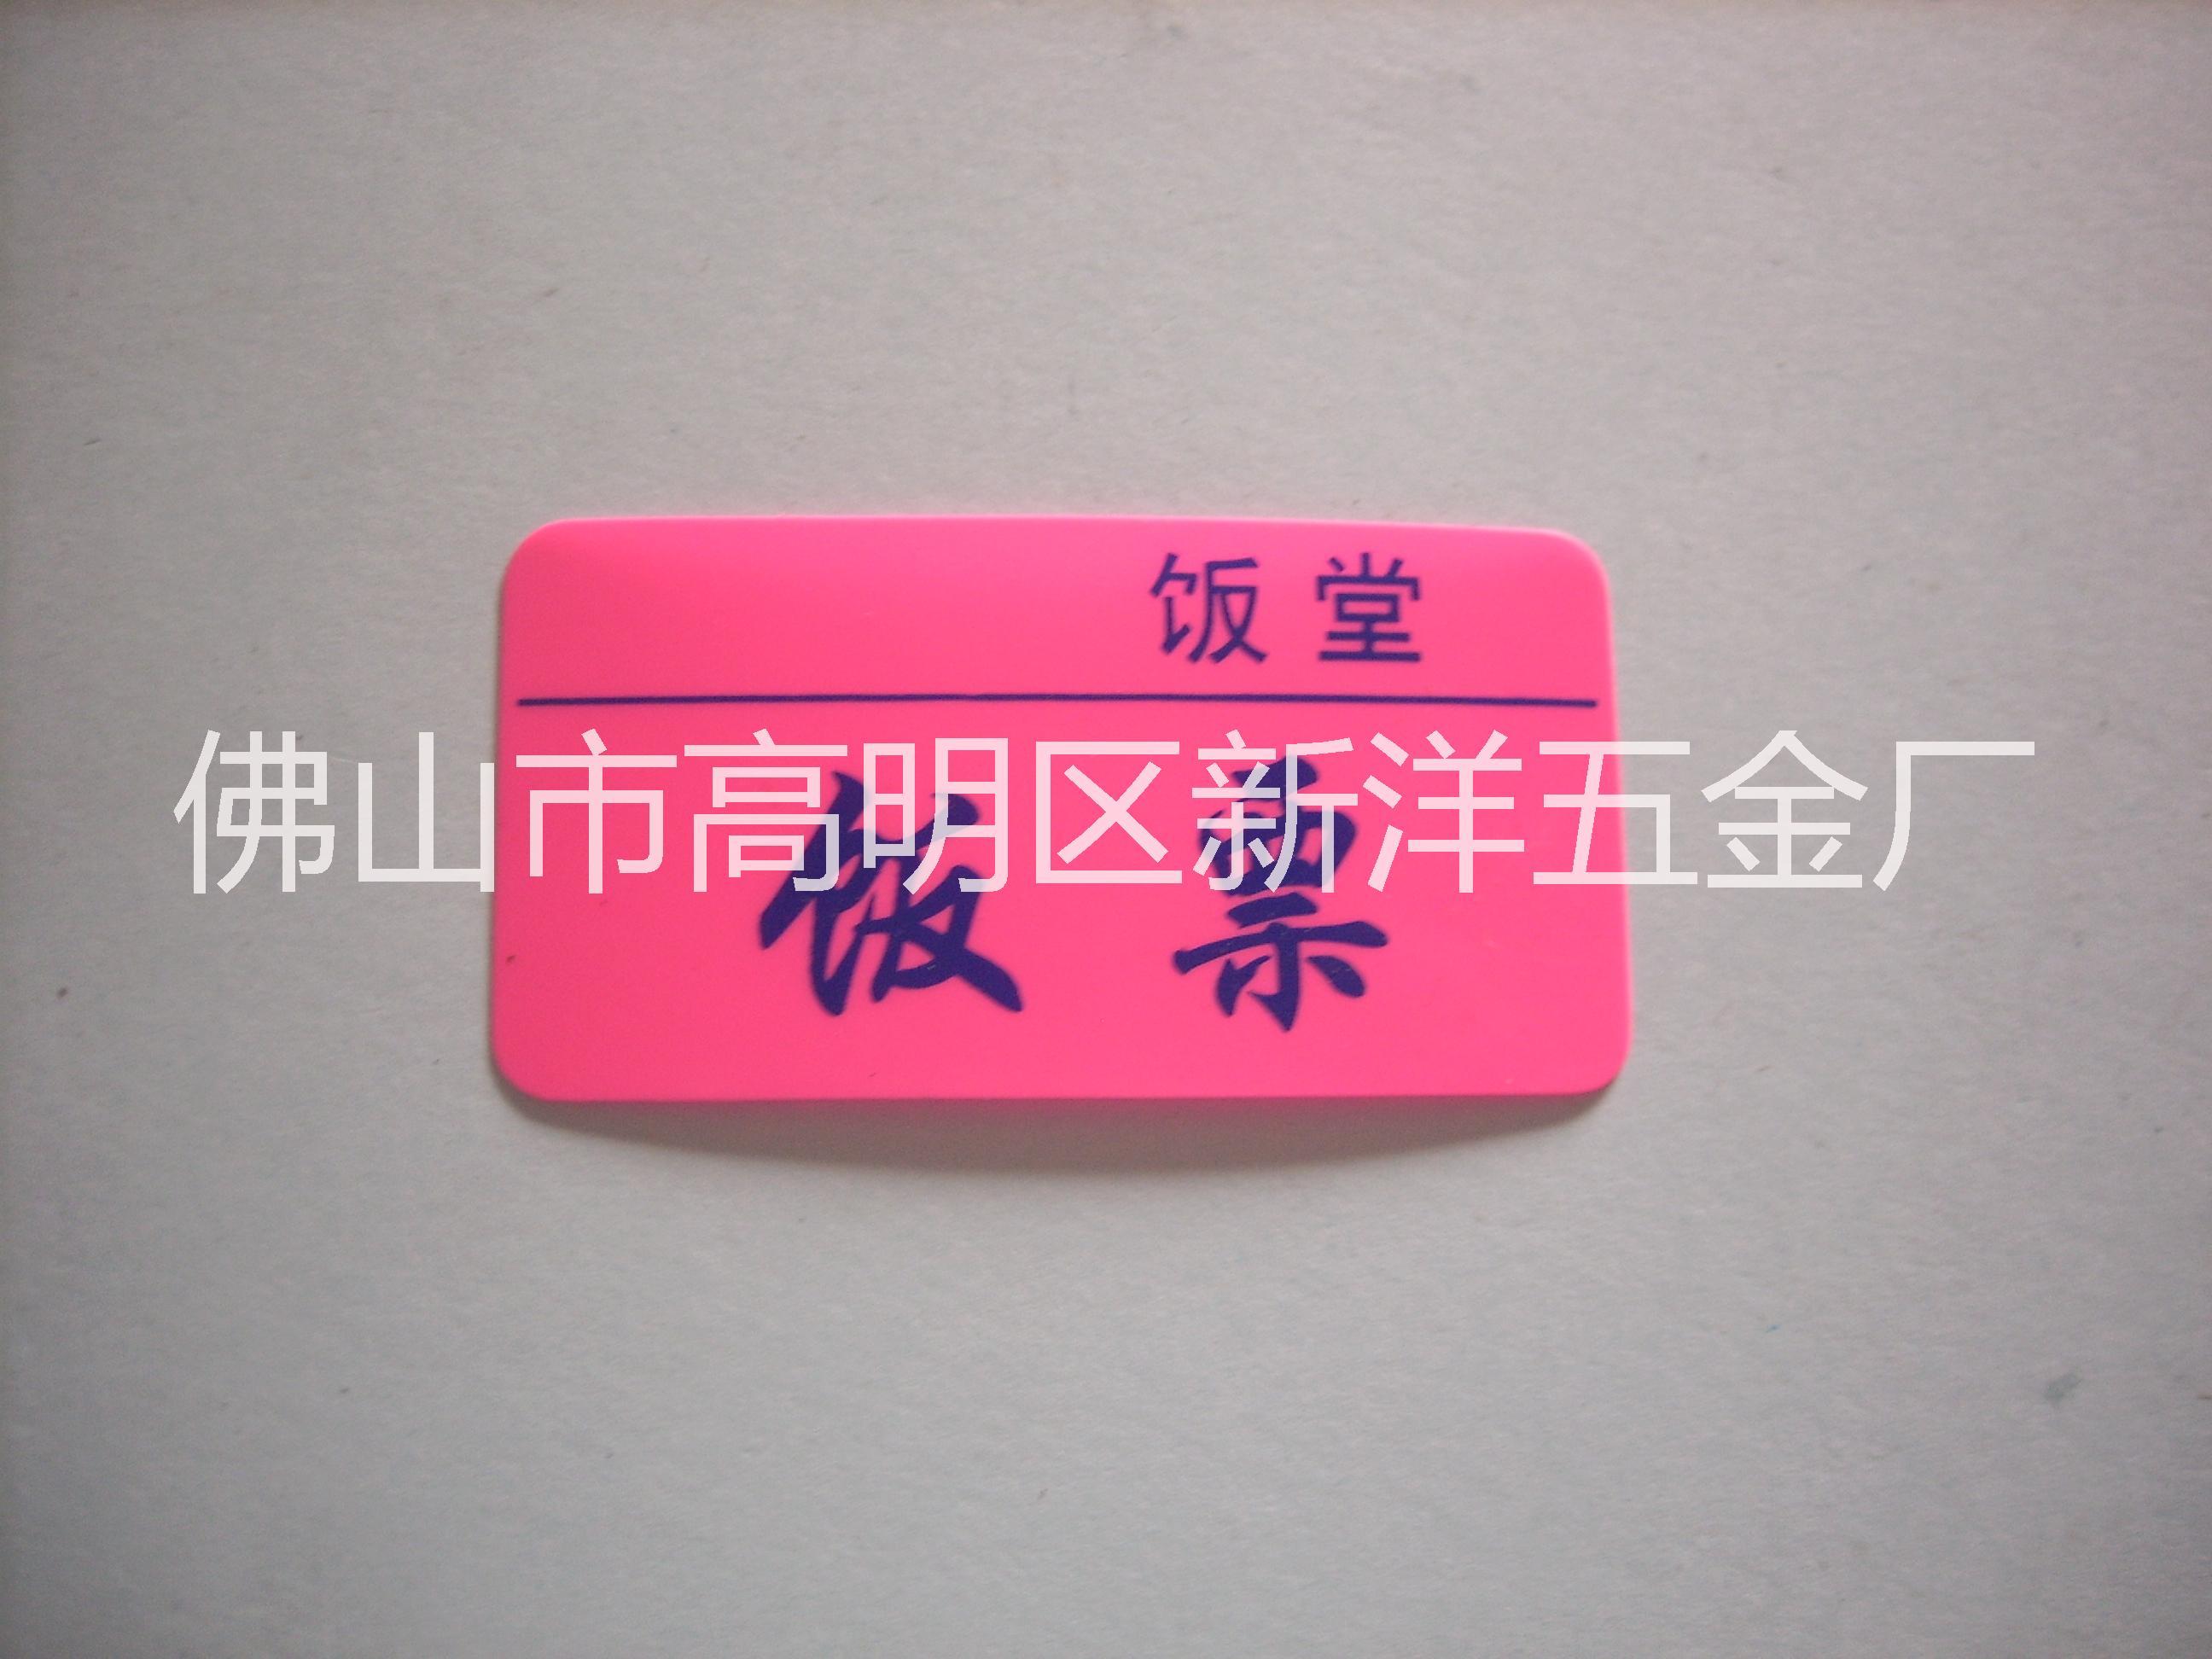 供应饭食堂专用饭票、PVC铭牌、不干胶标签、PVC标签标贴